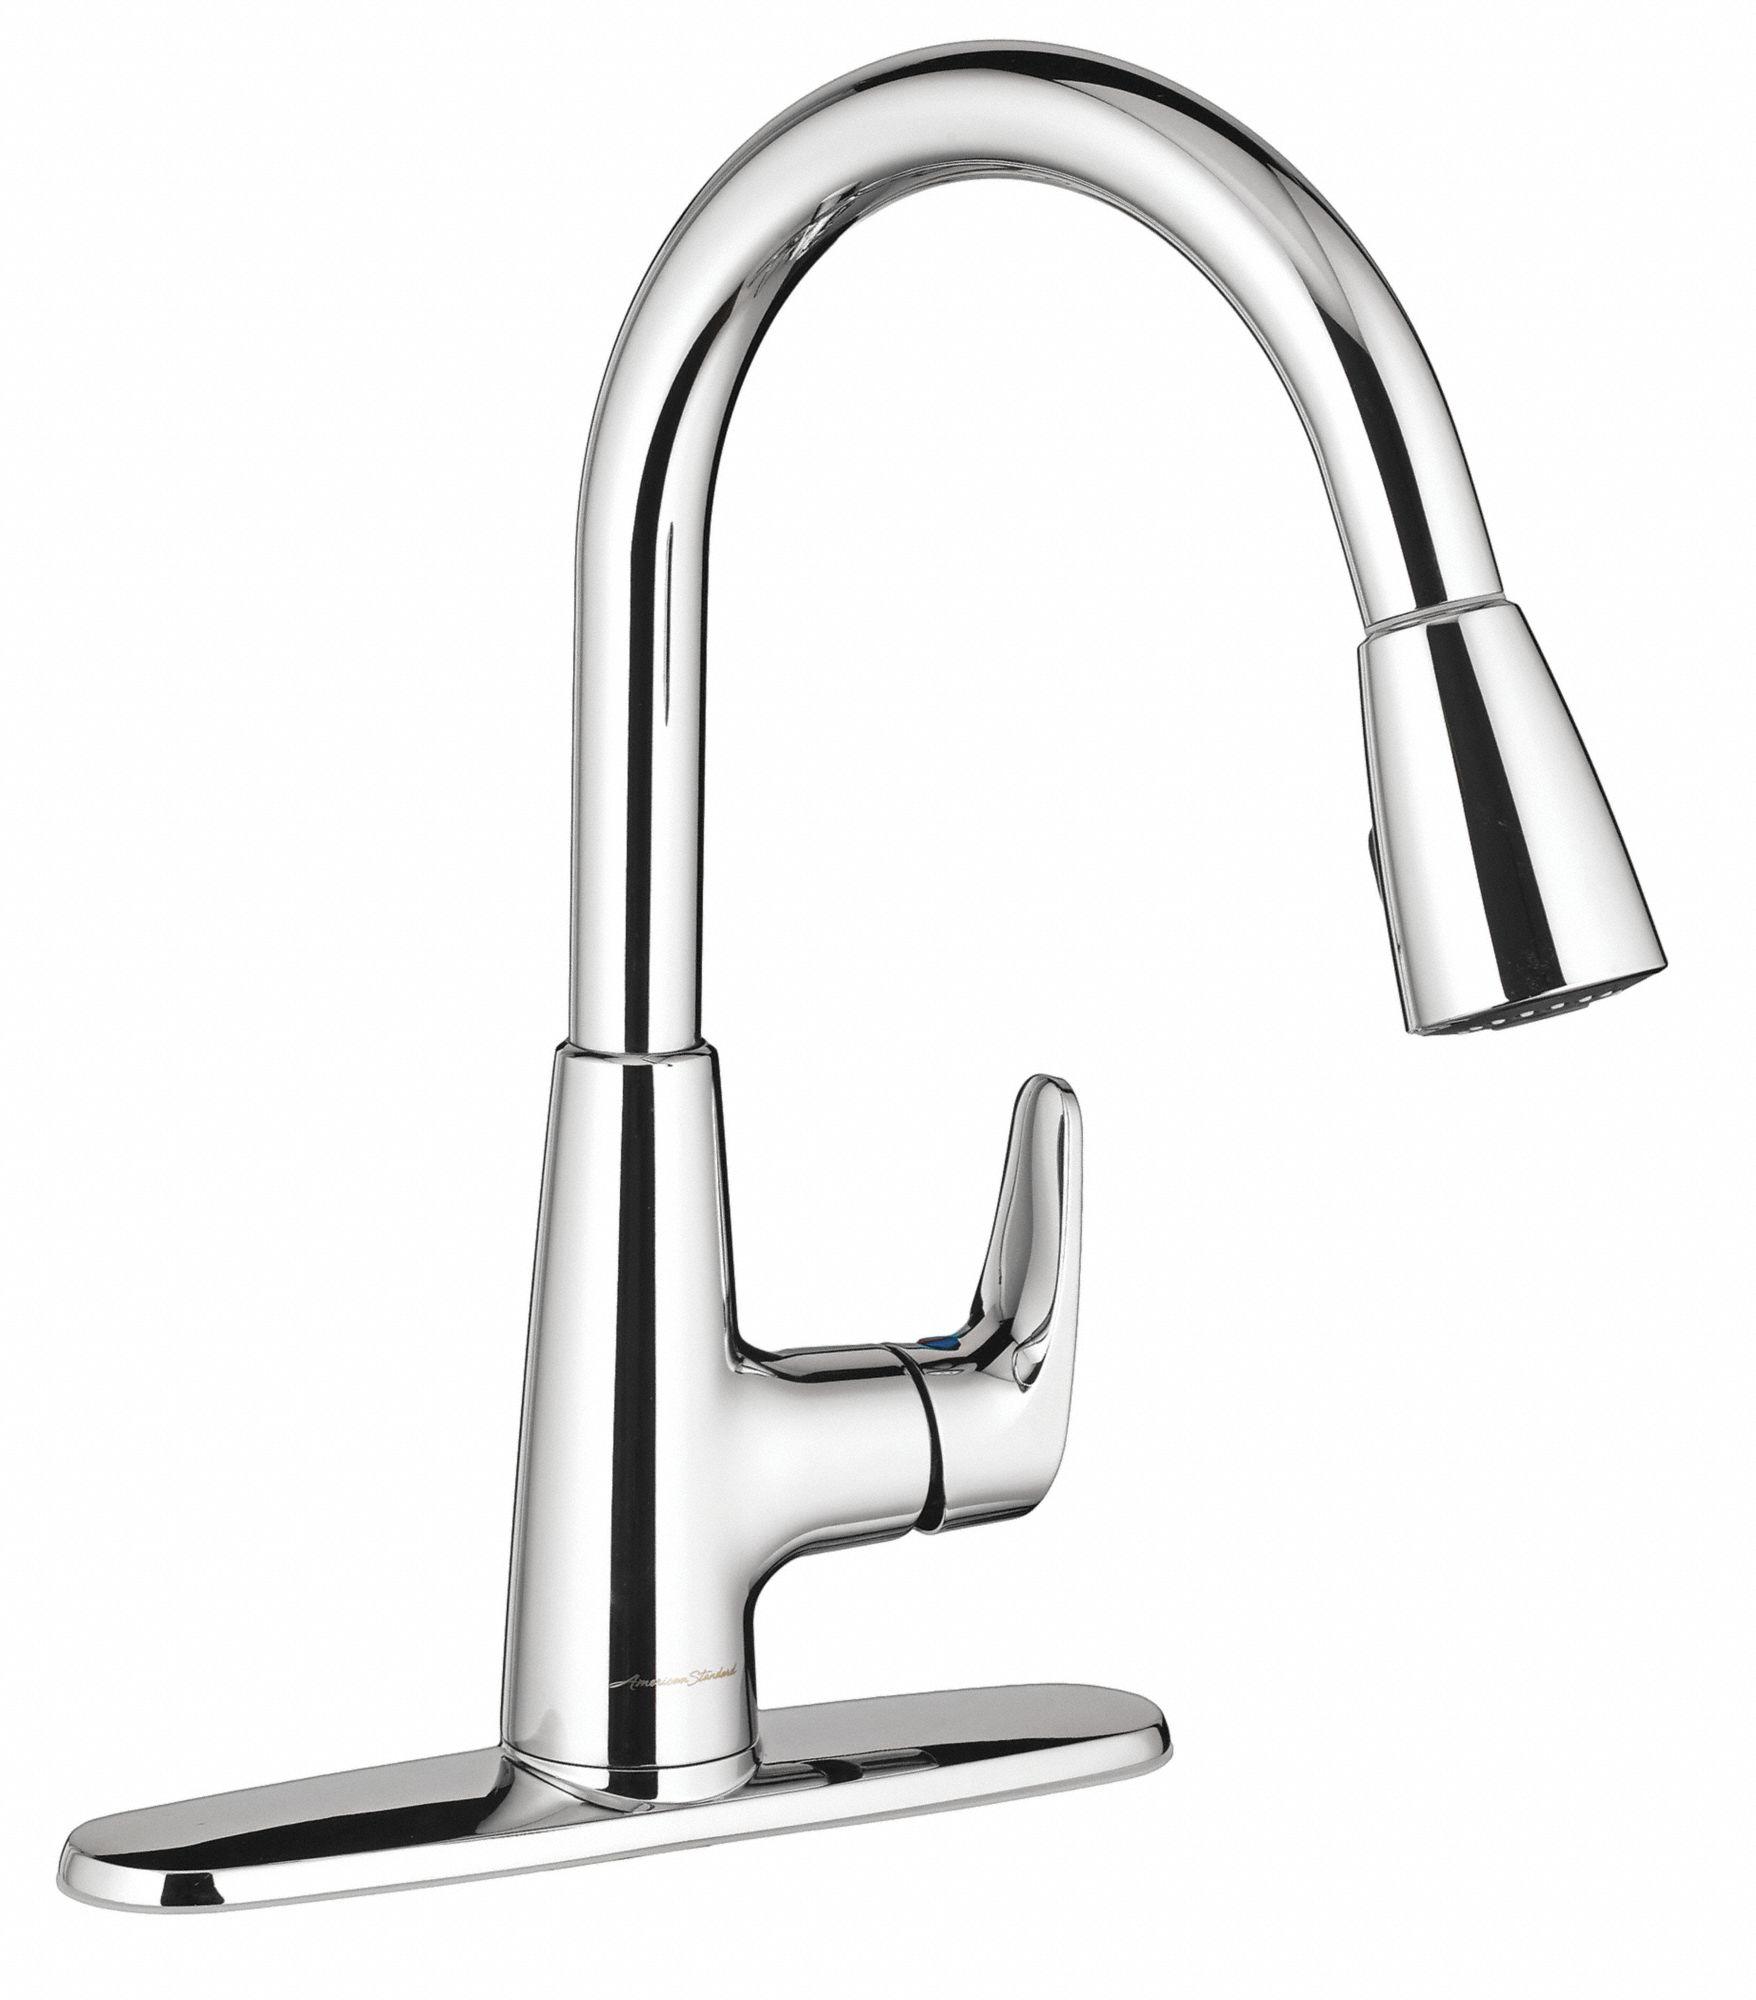 chrome gooseneck kitchen sink faucet manual faucet activation 1 5 gpm